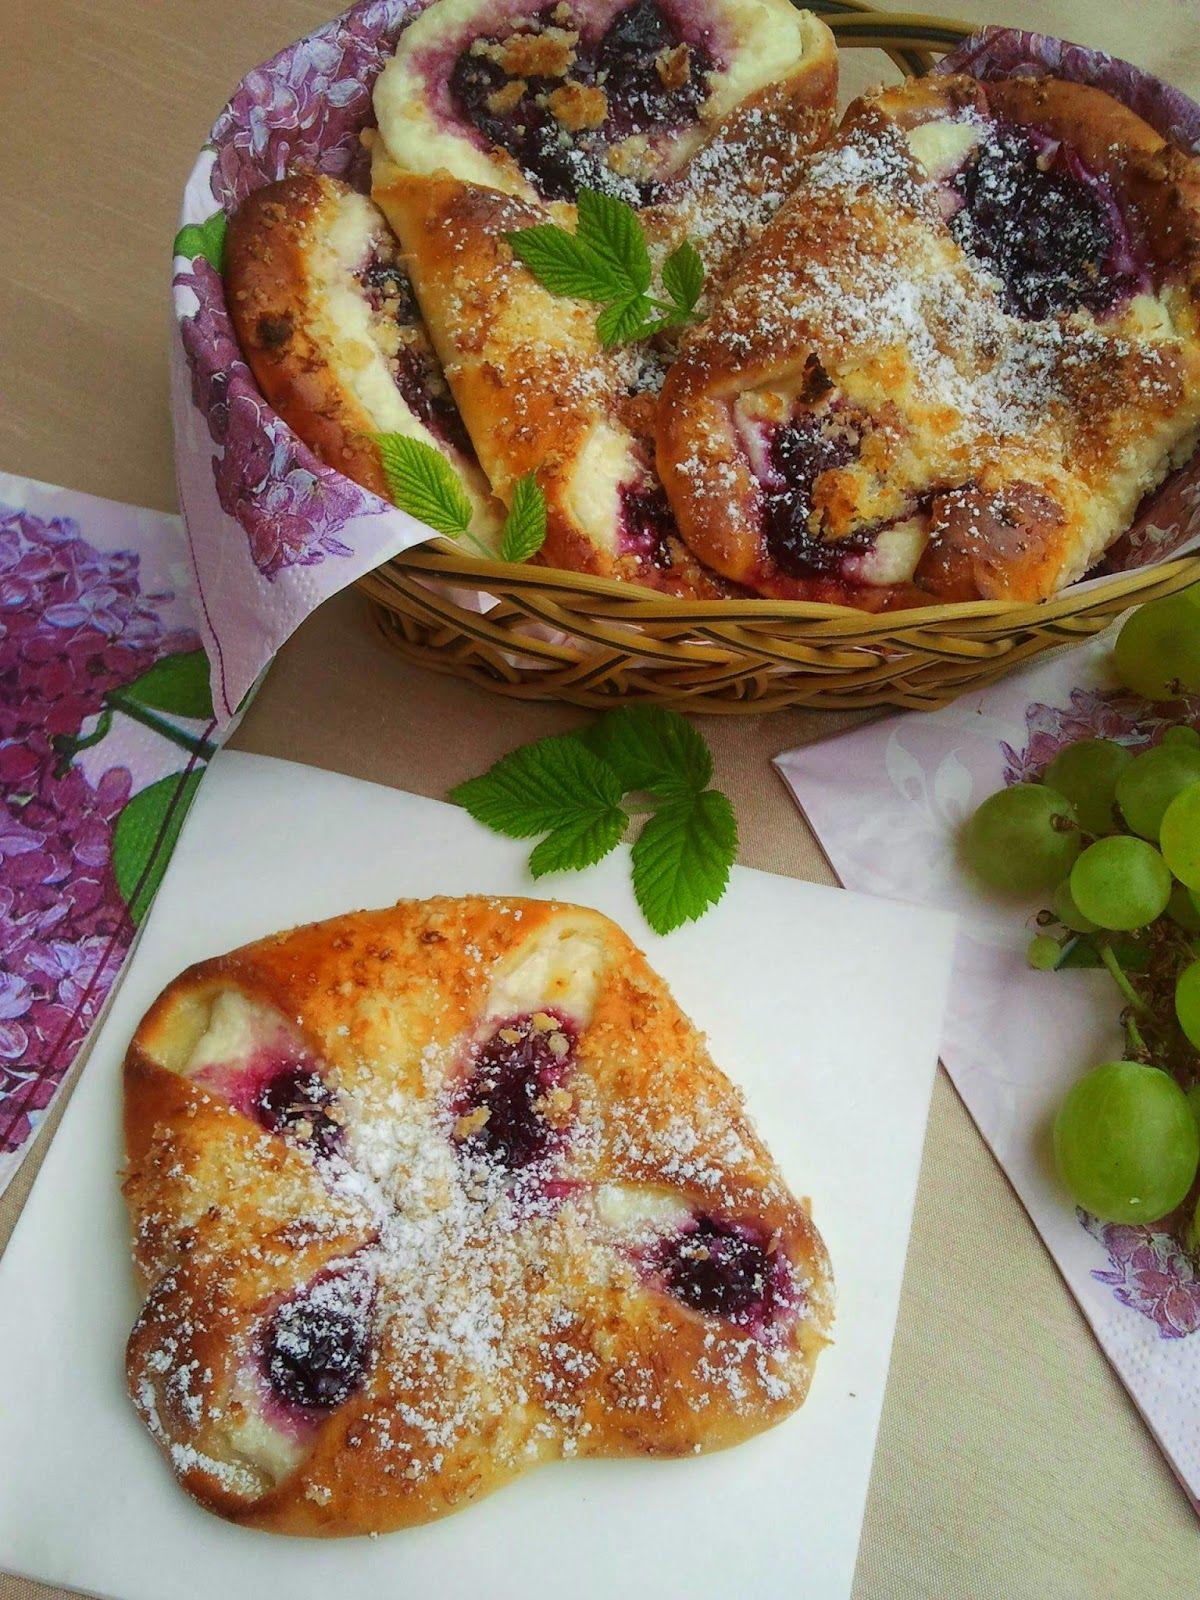 Domowa Cukierenka Drozdzowki Z Serem I Wisniami Recipes Food Soul Food